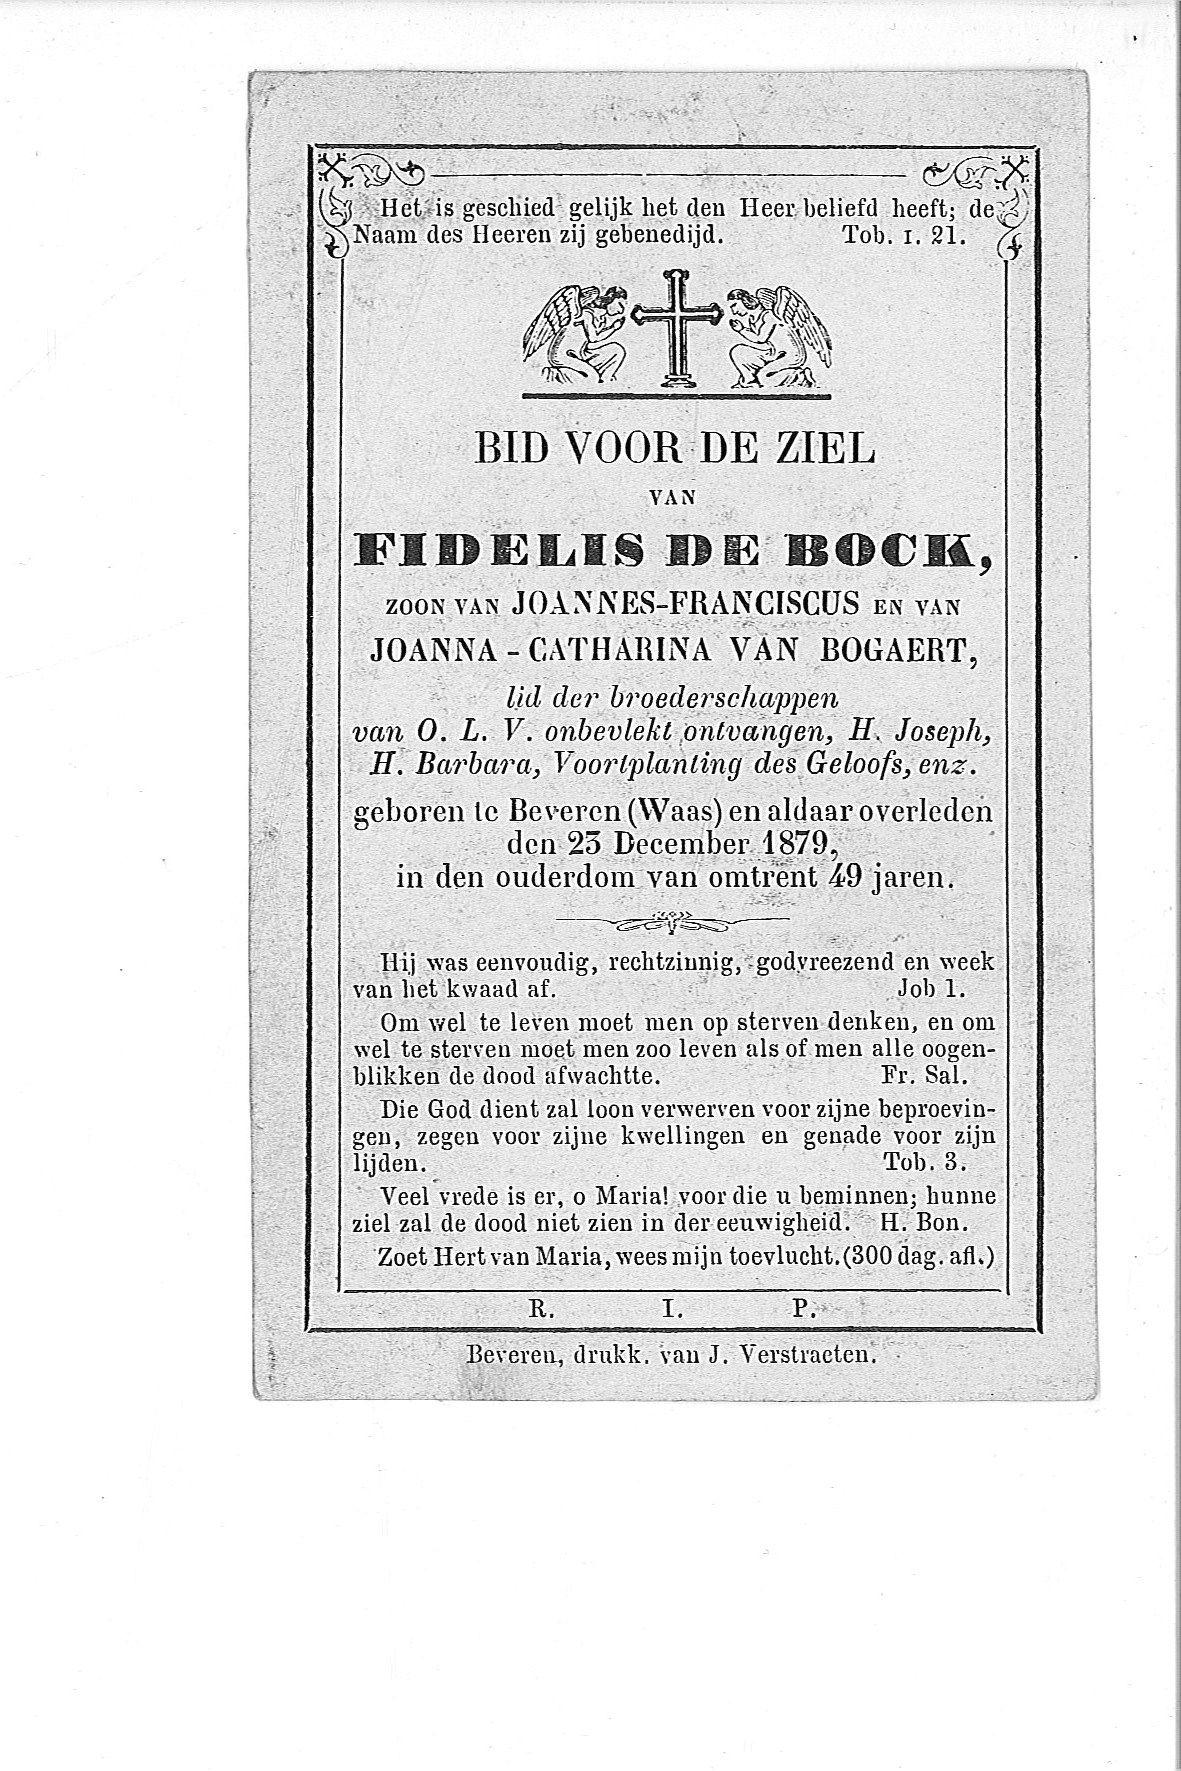 fidelis(1879)20090330085831_00017.jpg